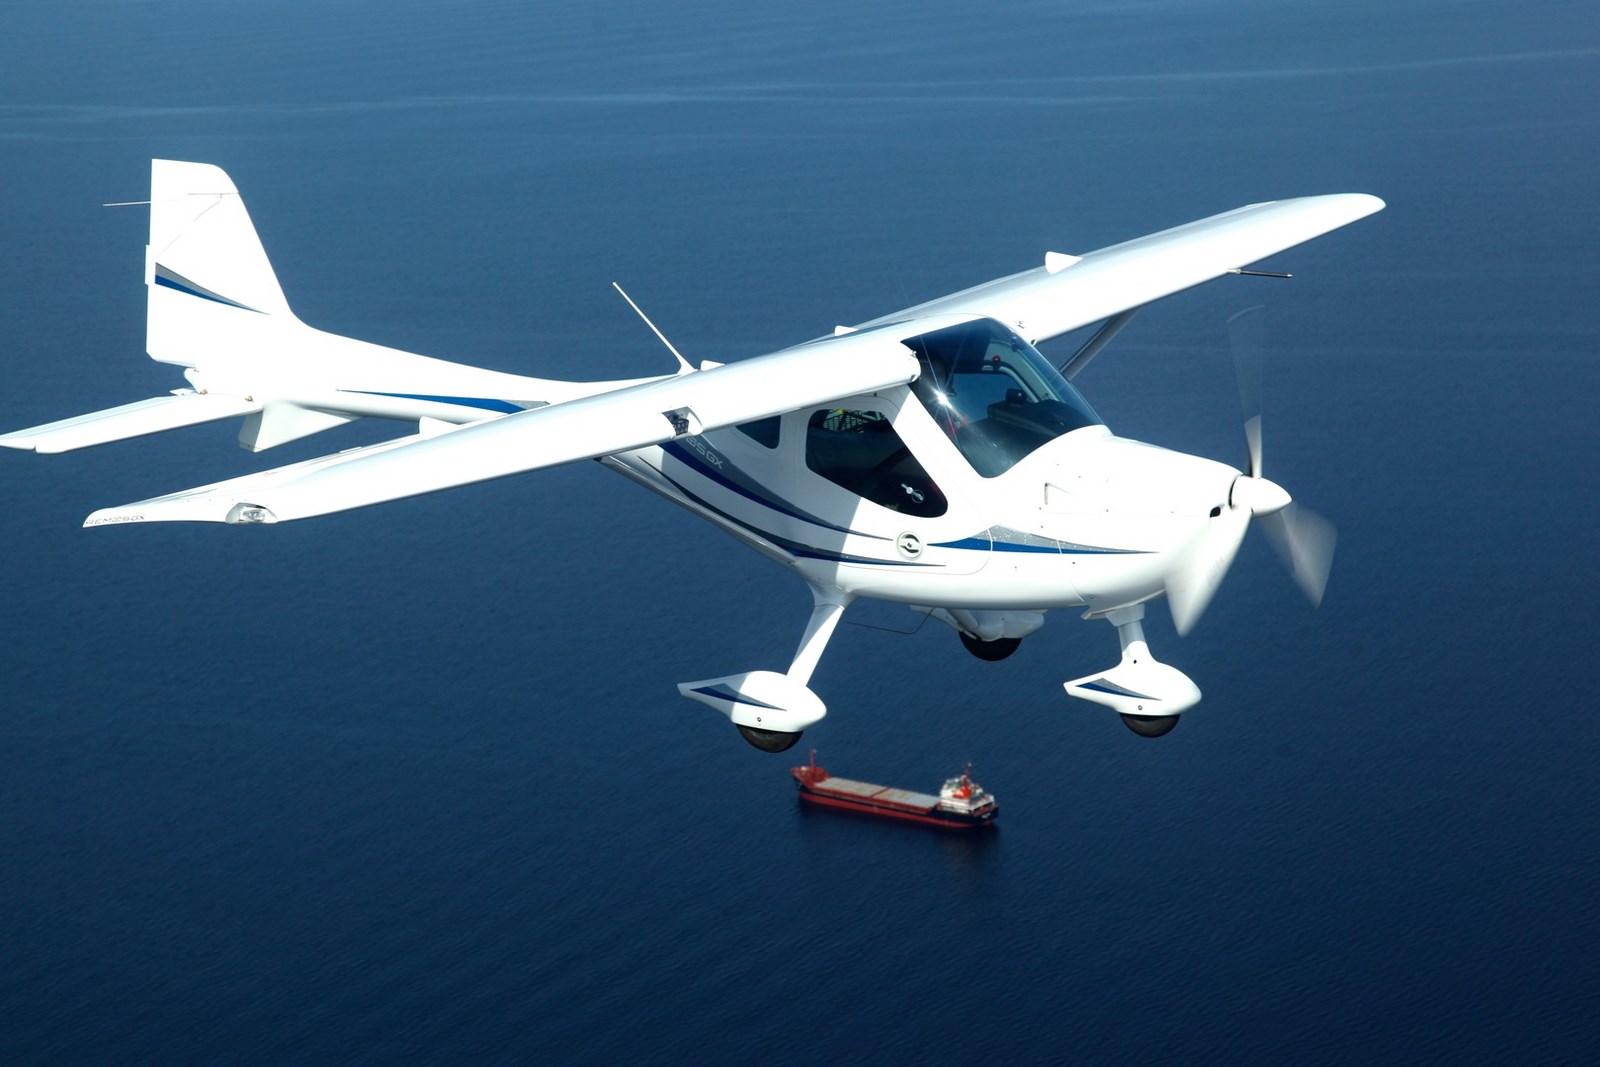 remos light sport aircraft 11 - В авиации общего назначения отмечено падение аварийности